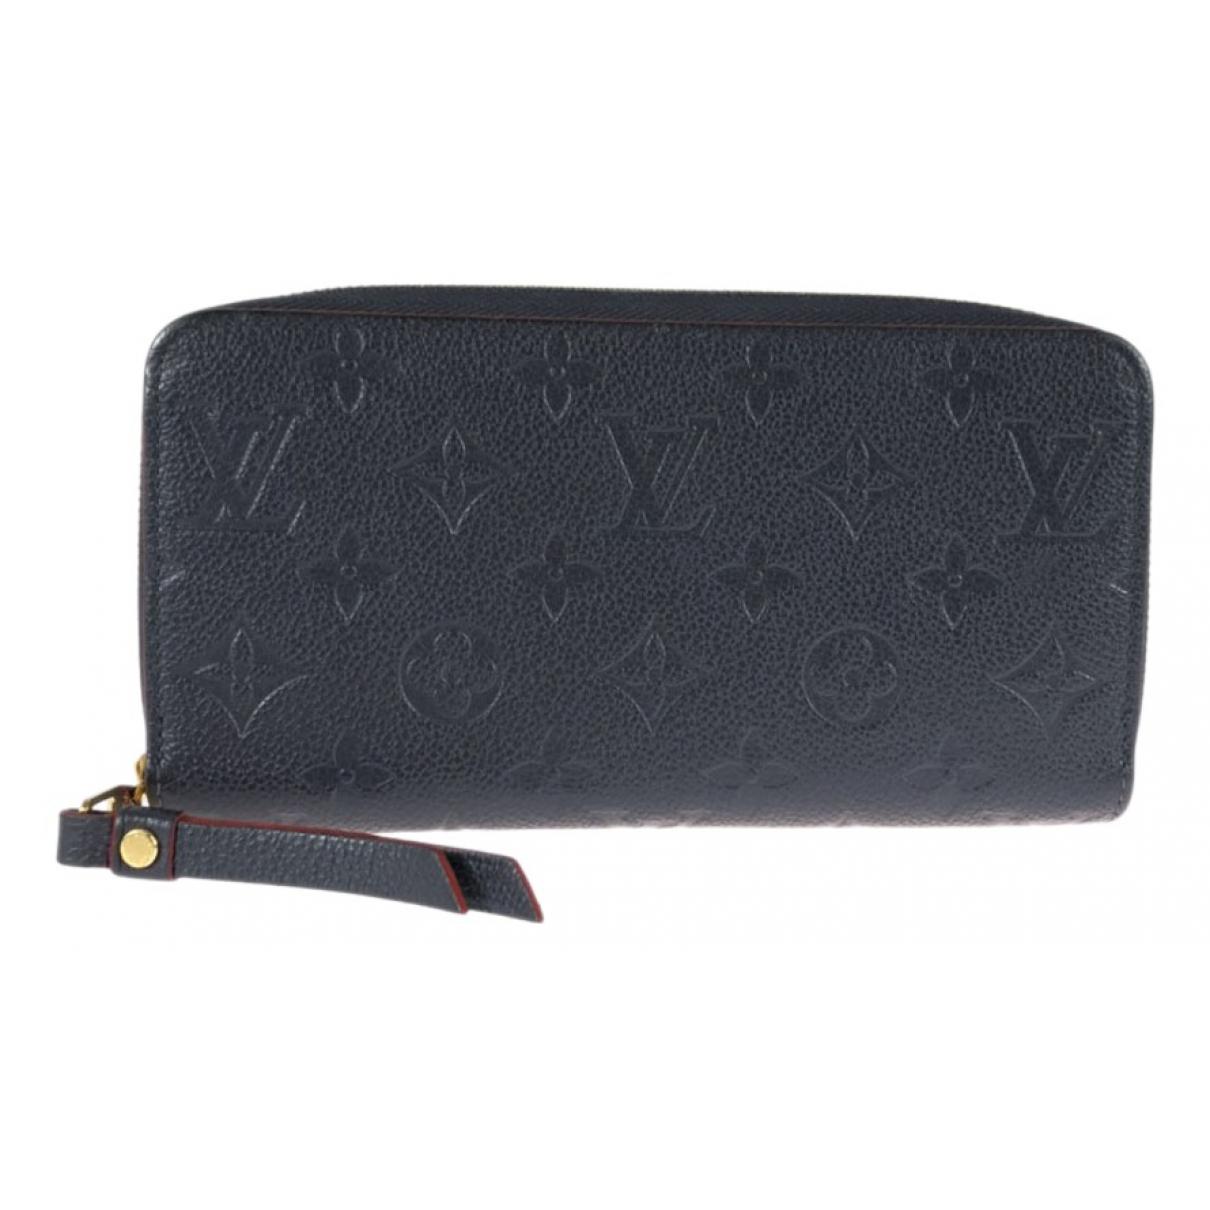 Louis Vuitton - Portefeuille Zippy pour femme en cuir - marine